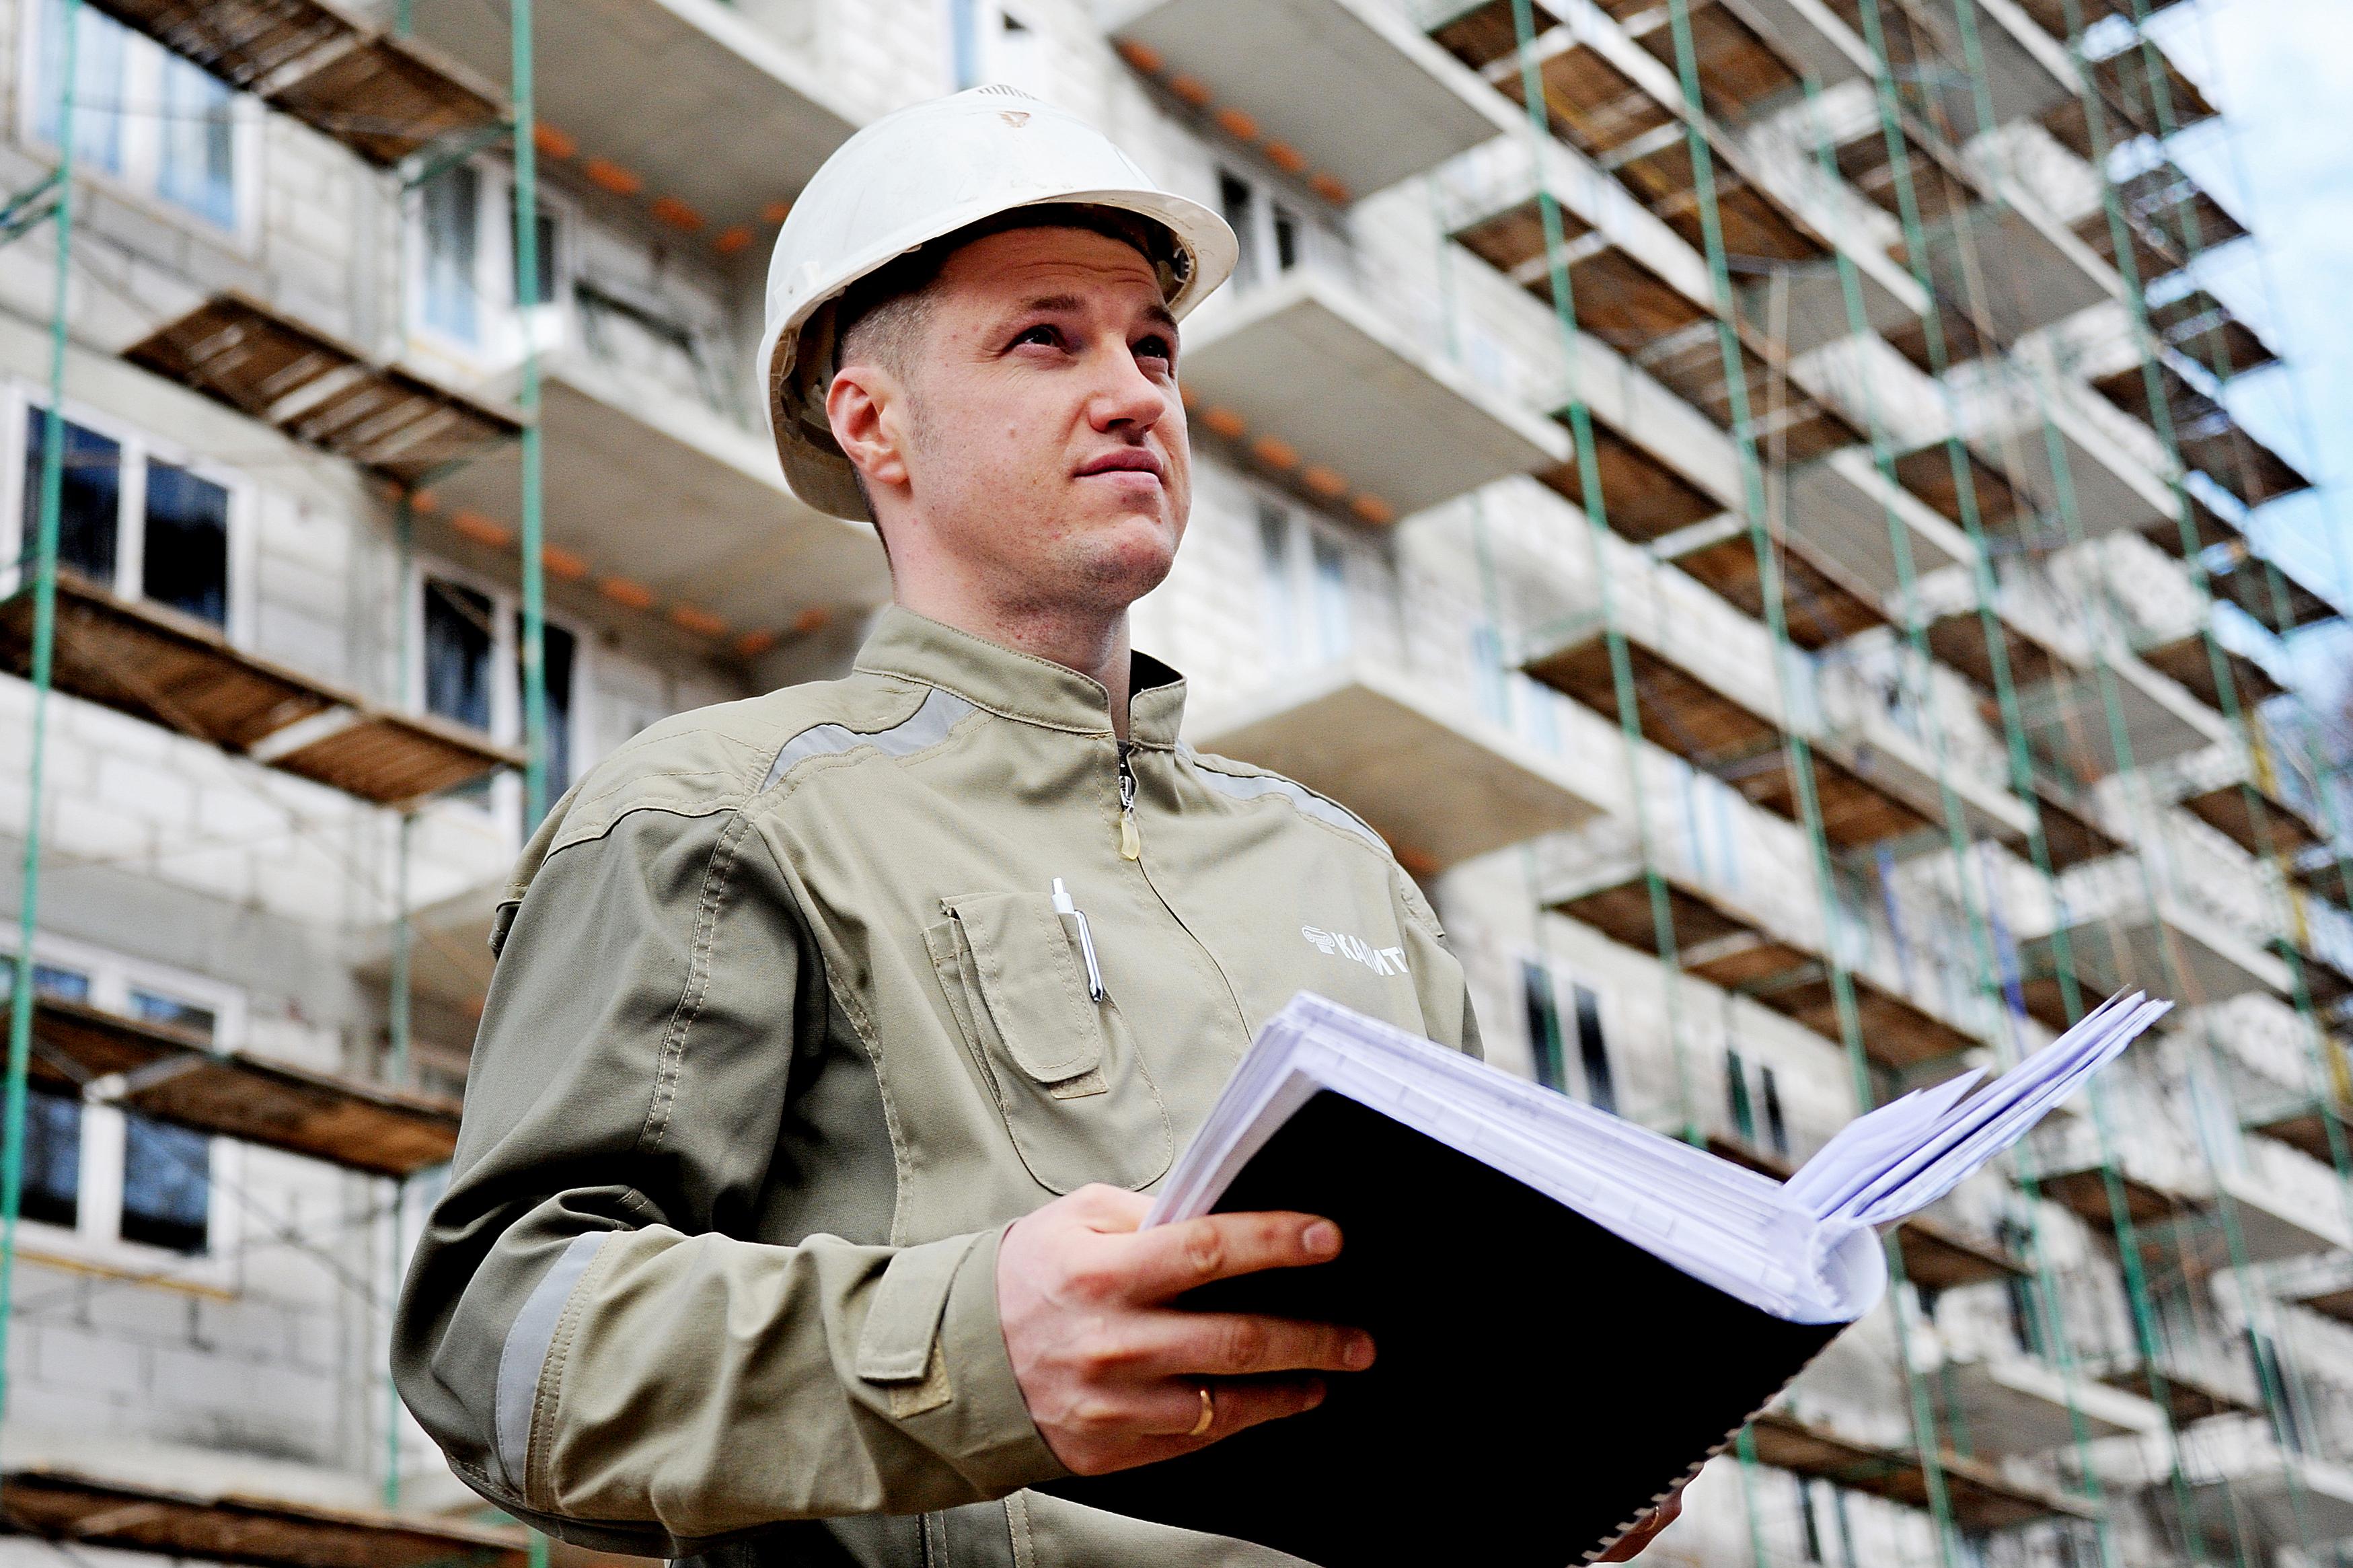 Свыше 800 объектов недвижимости построили на месте московских промзон за девять лет